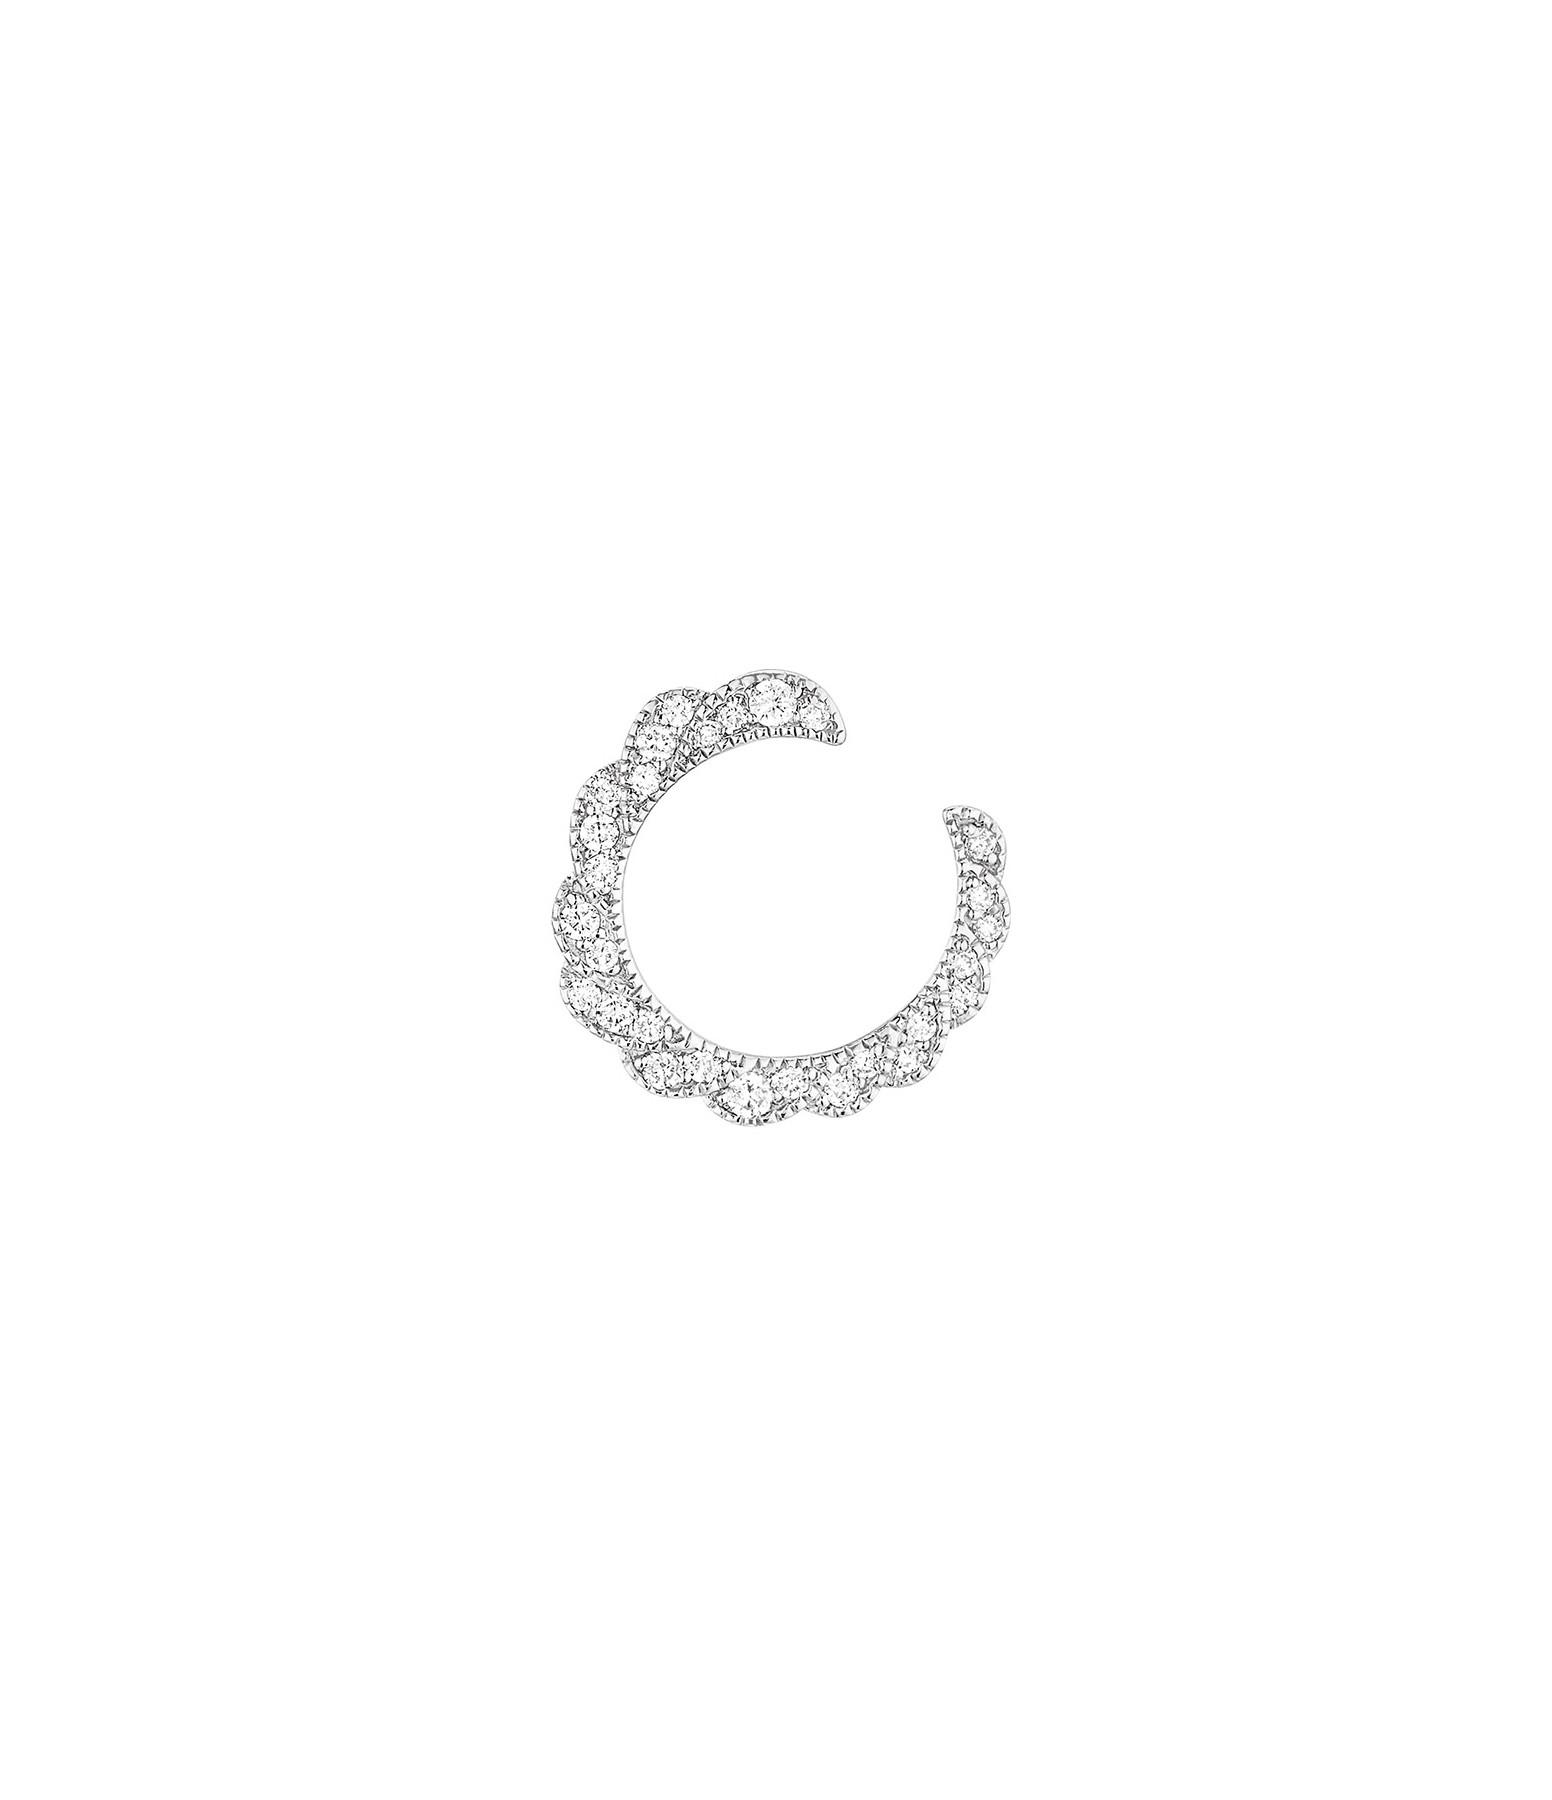 STONE PARIS - Créole Ama Or Diamants (vendue à l'unité)